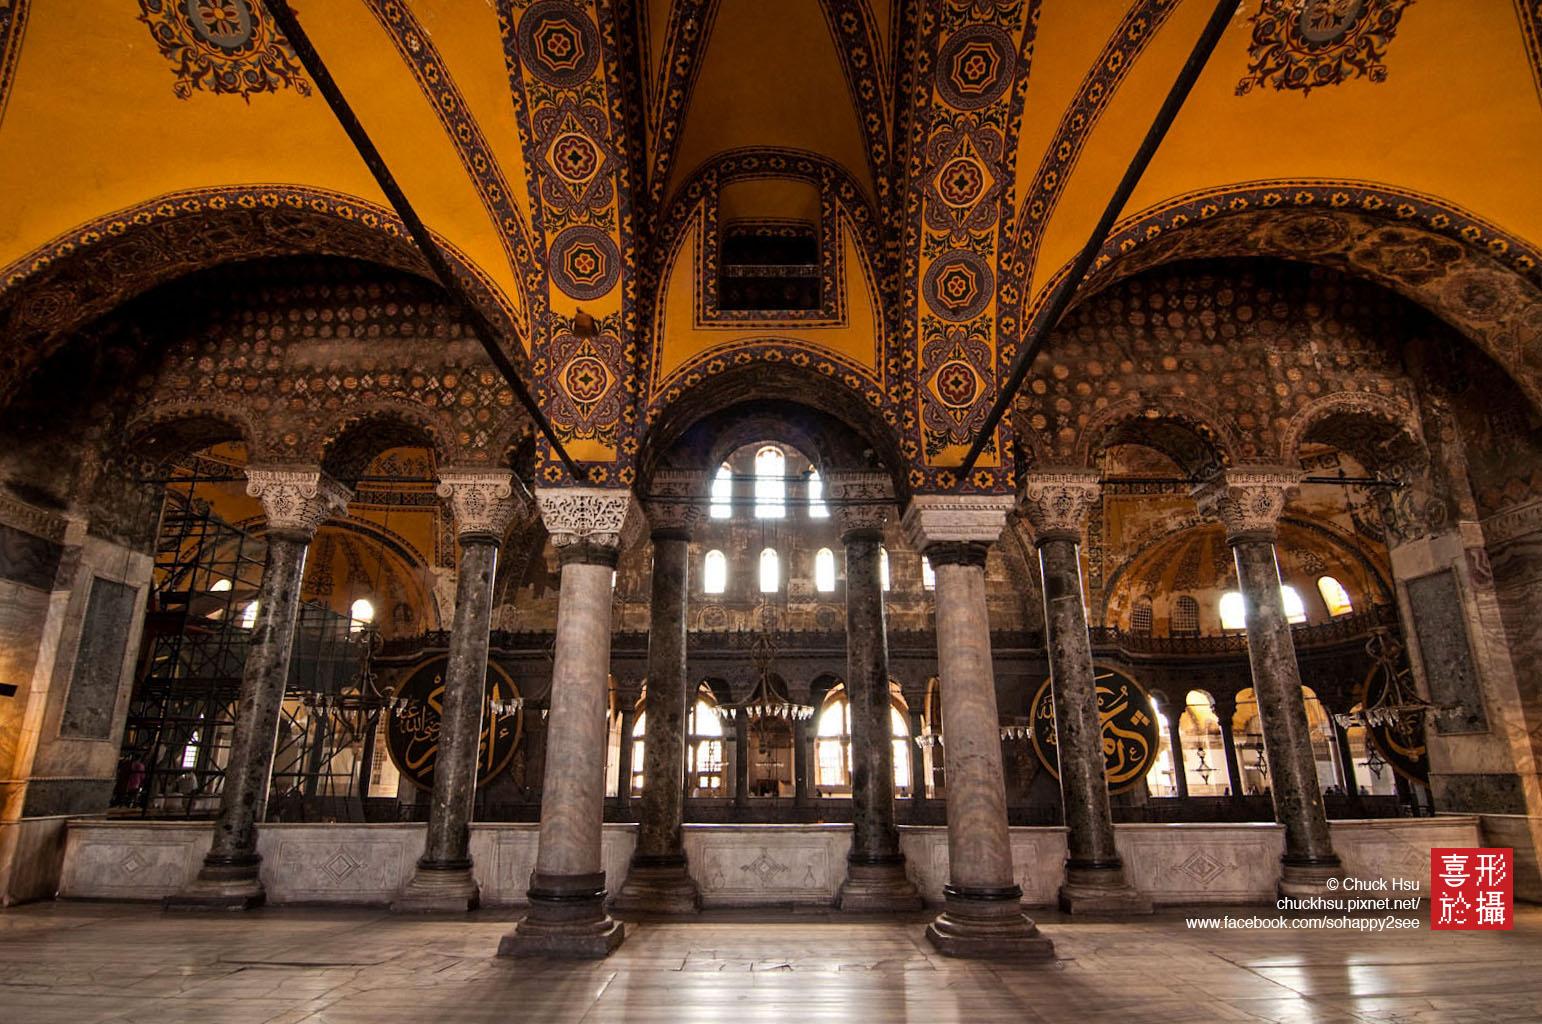 伊斯坦堡‧聖索菲亞大教堂 Hagia Sophia /Ayasofya